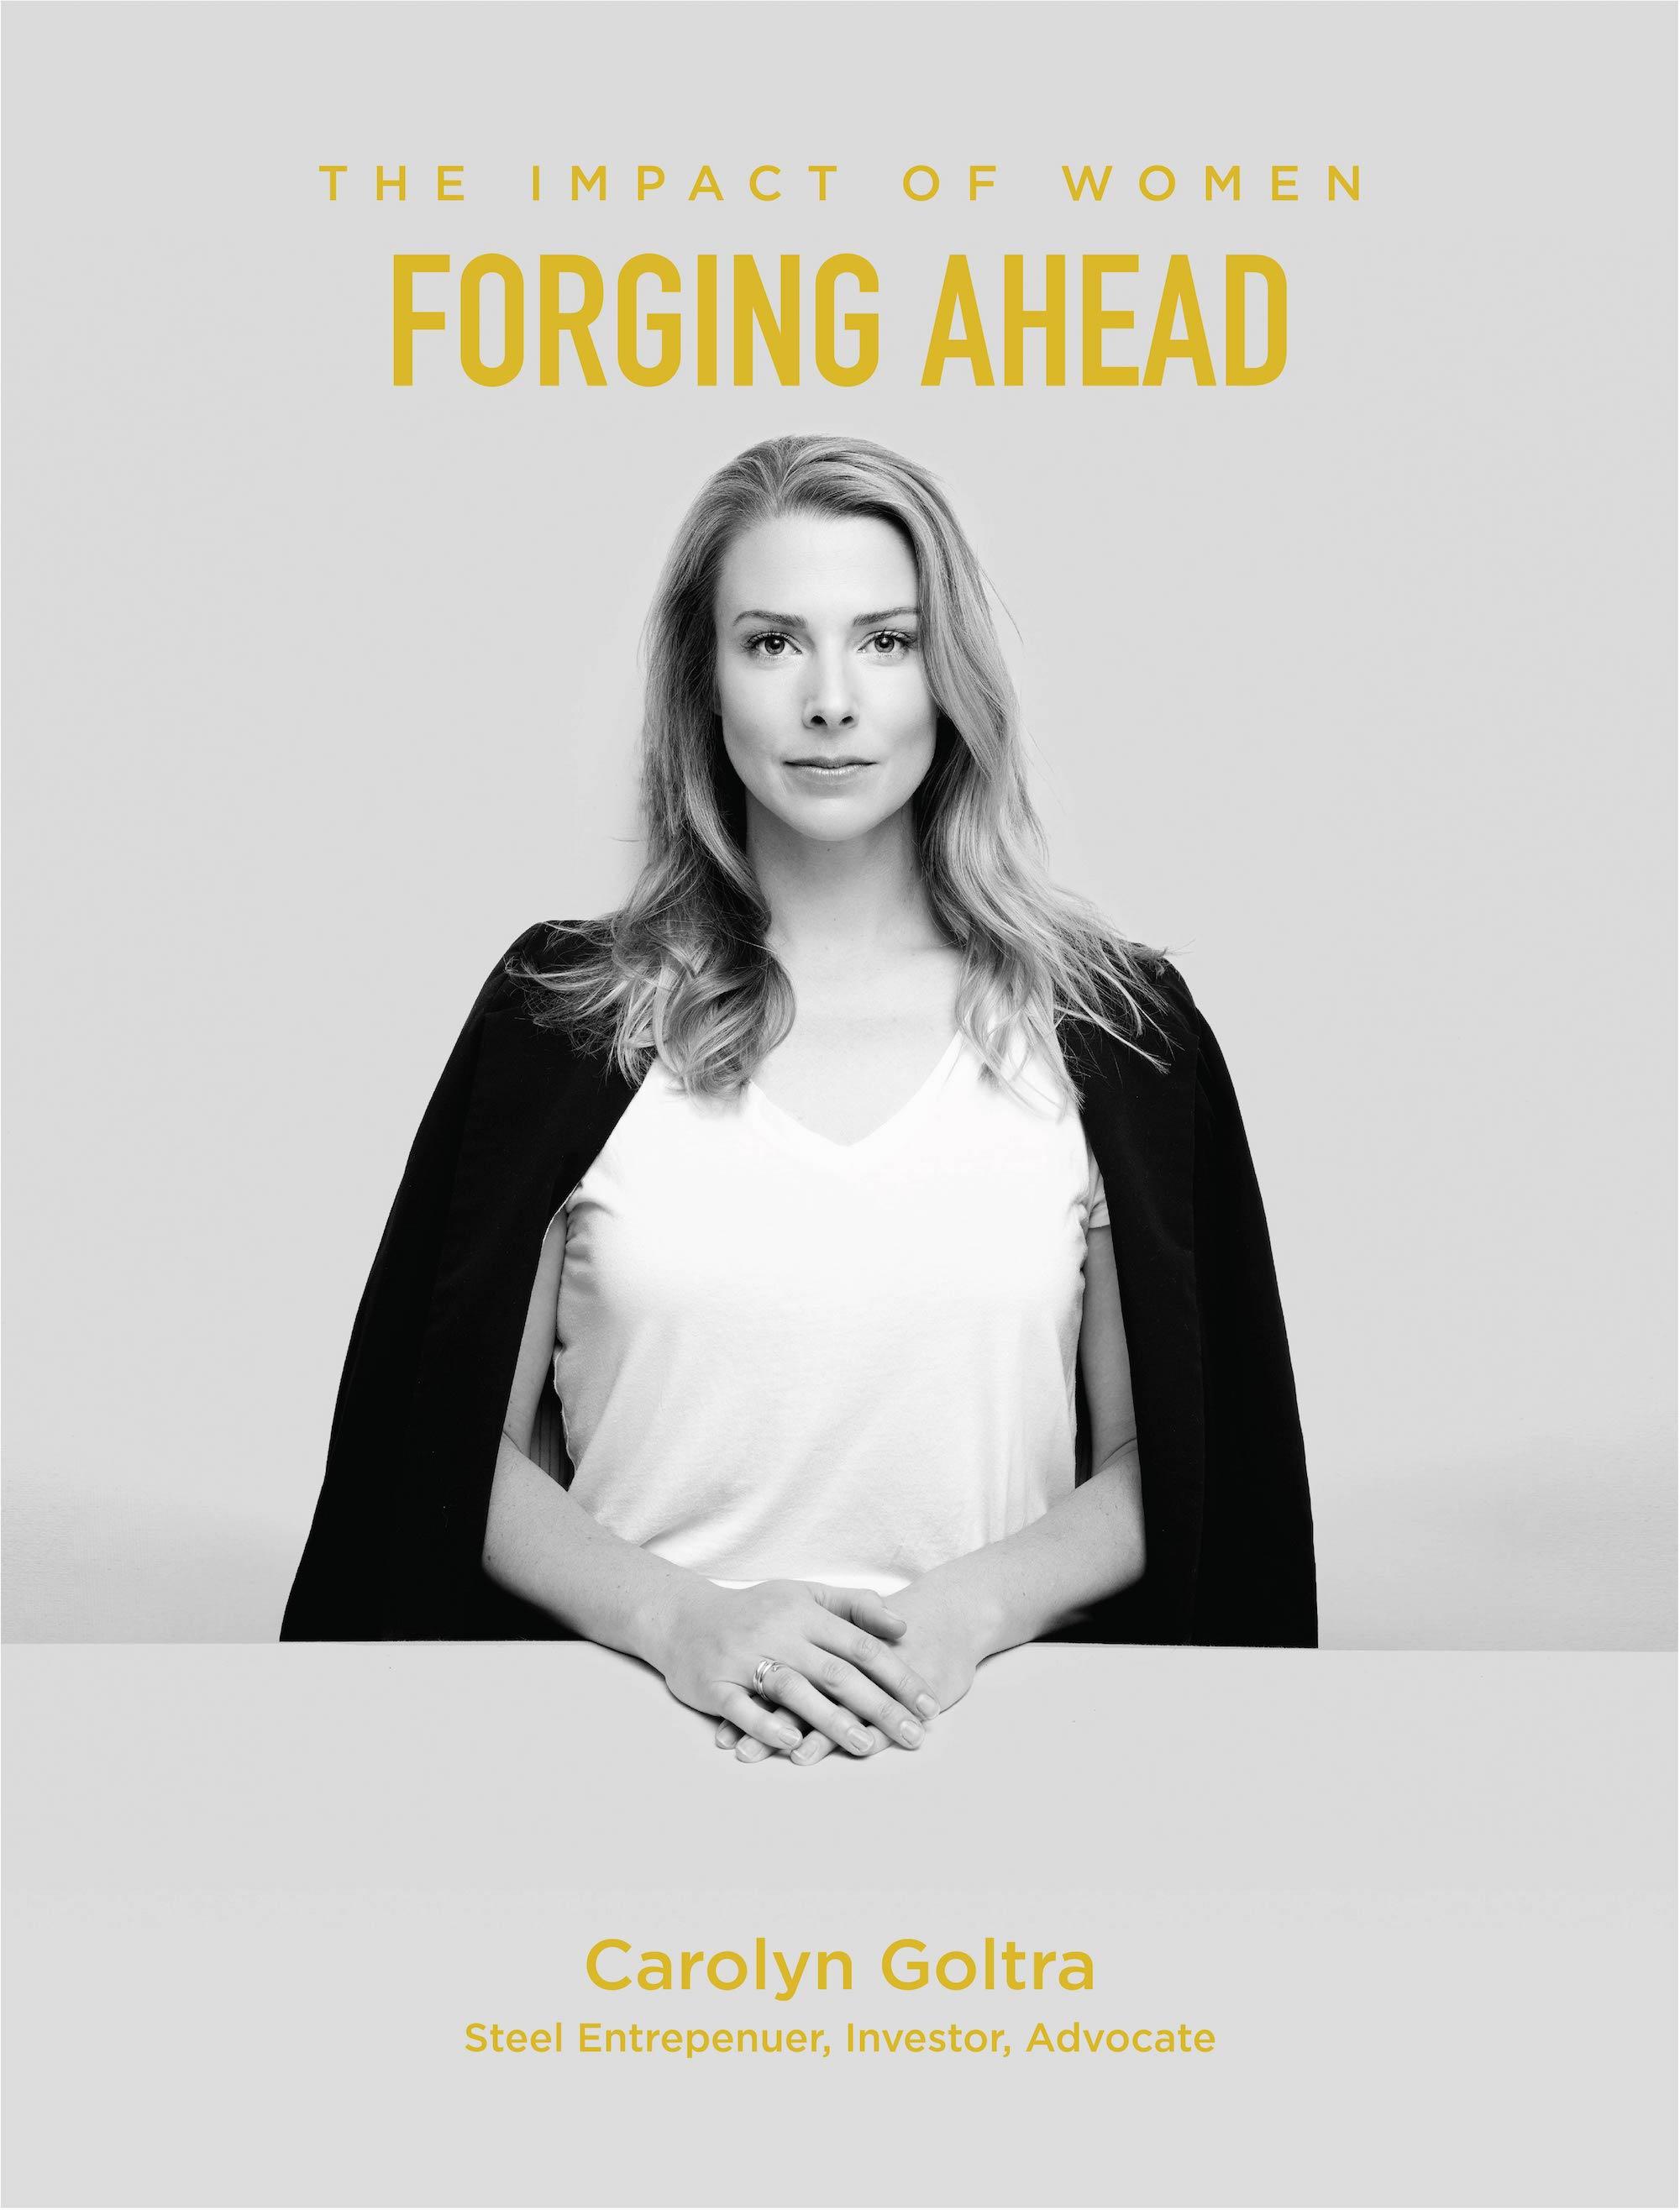 Carolyn Goltra is Forging Ahead